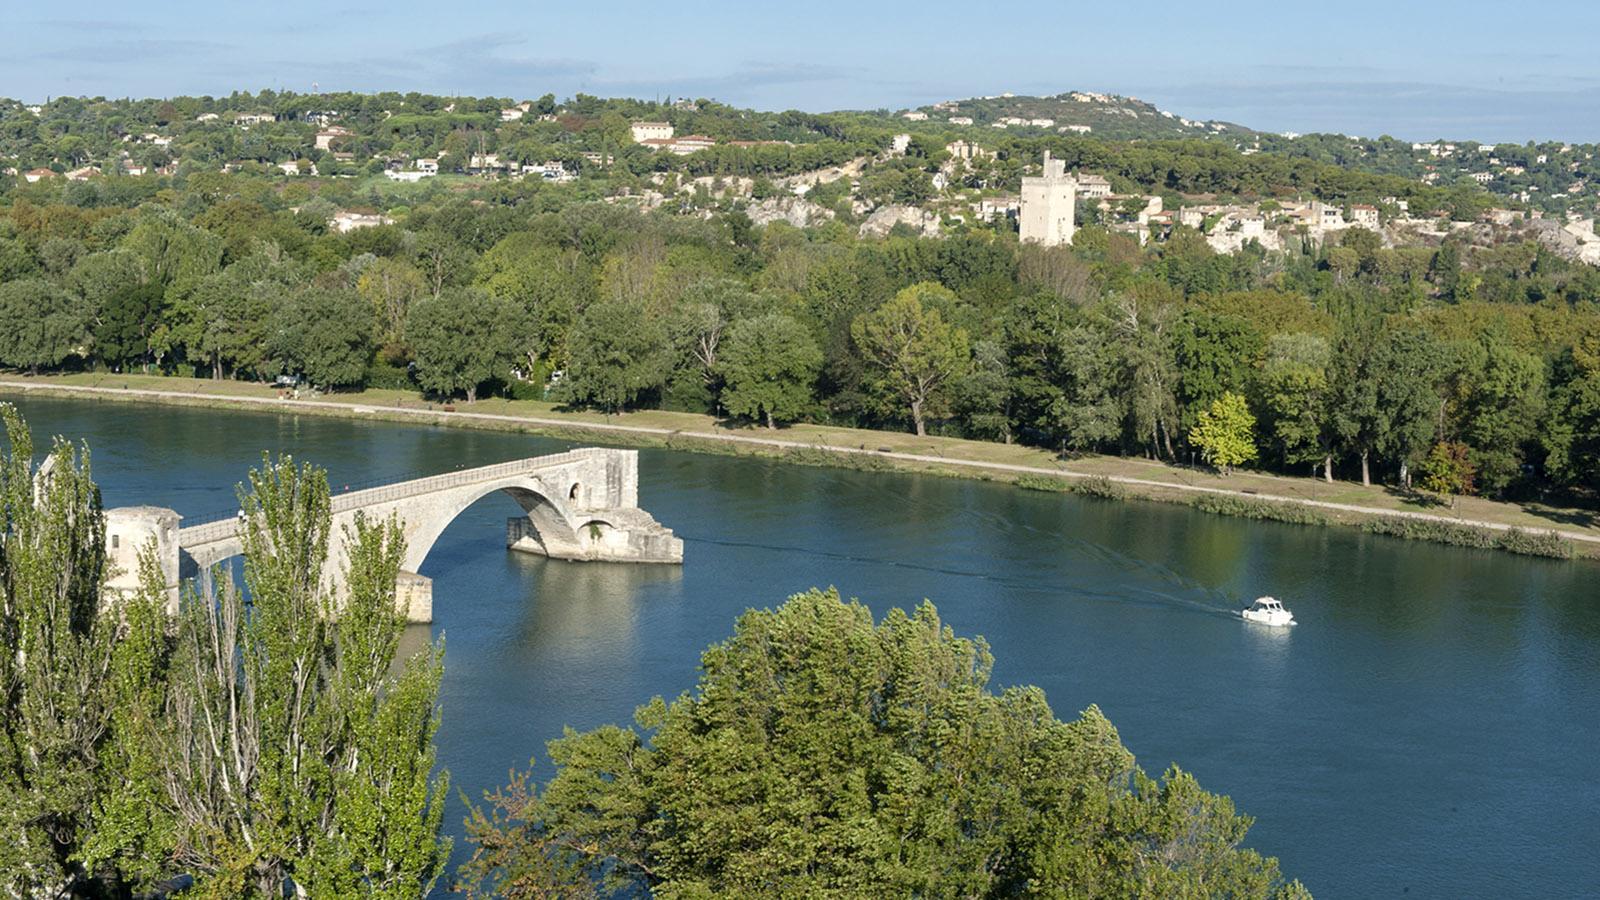 Sur le pont d'Avignon, on y danse... : die berühmte Brücke gehört heute zum Welterbe. Foto: Hilke Maunder